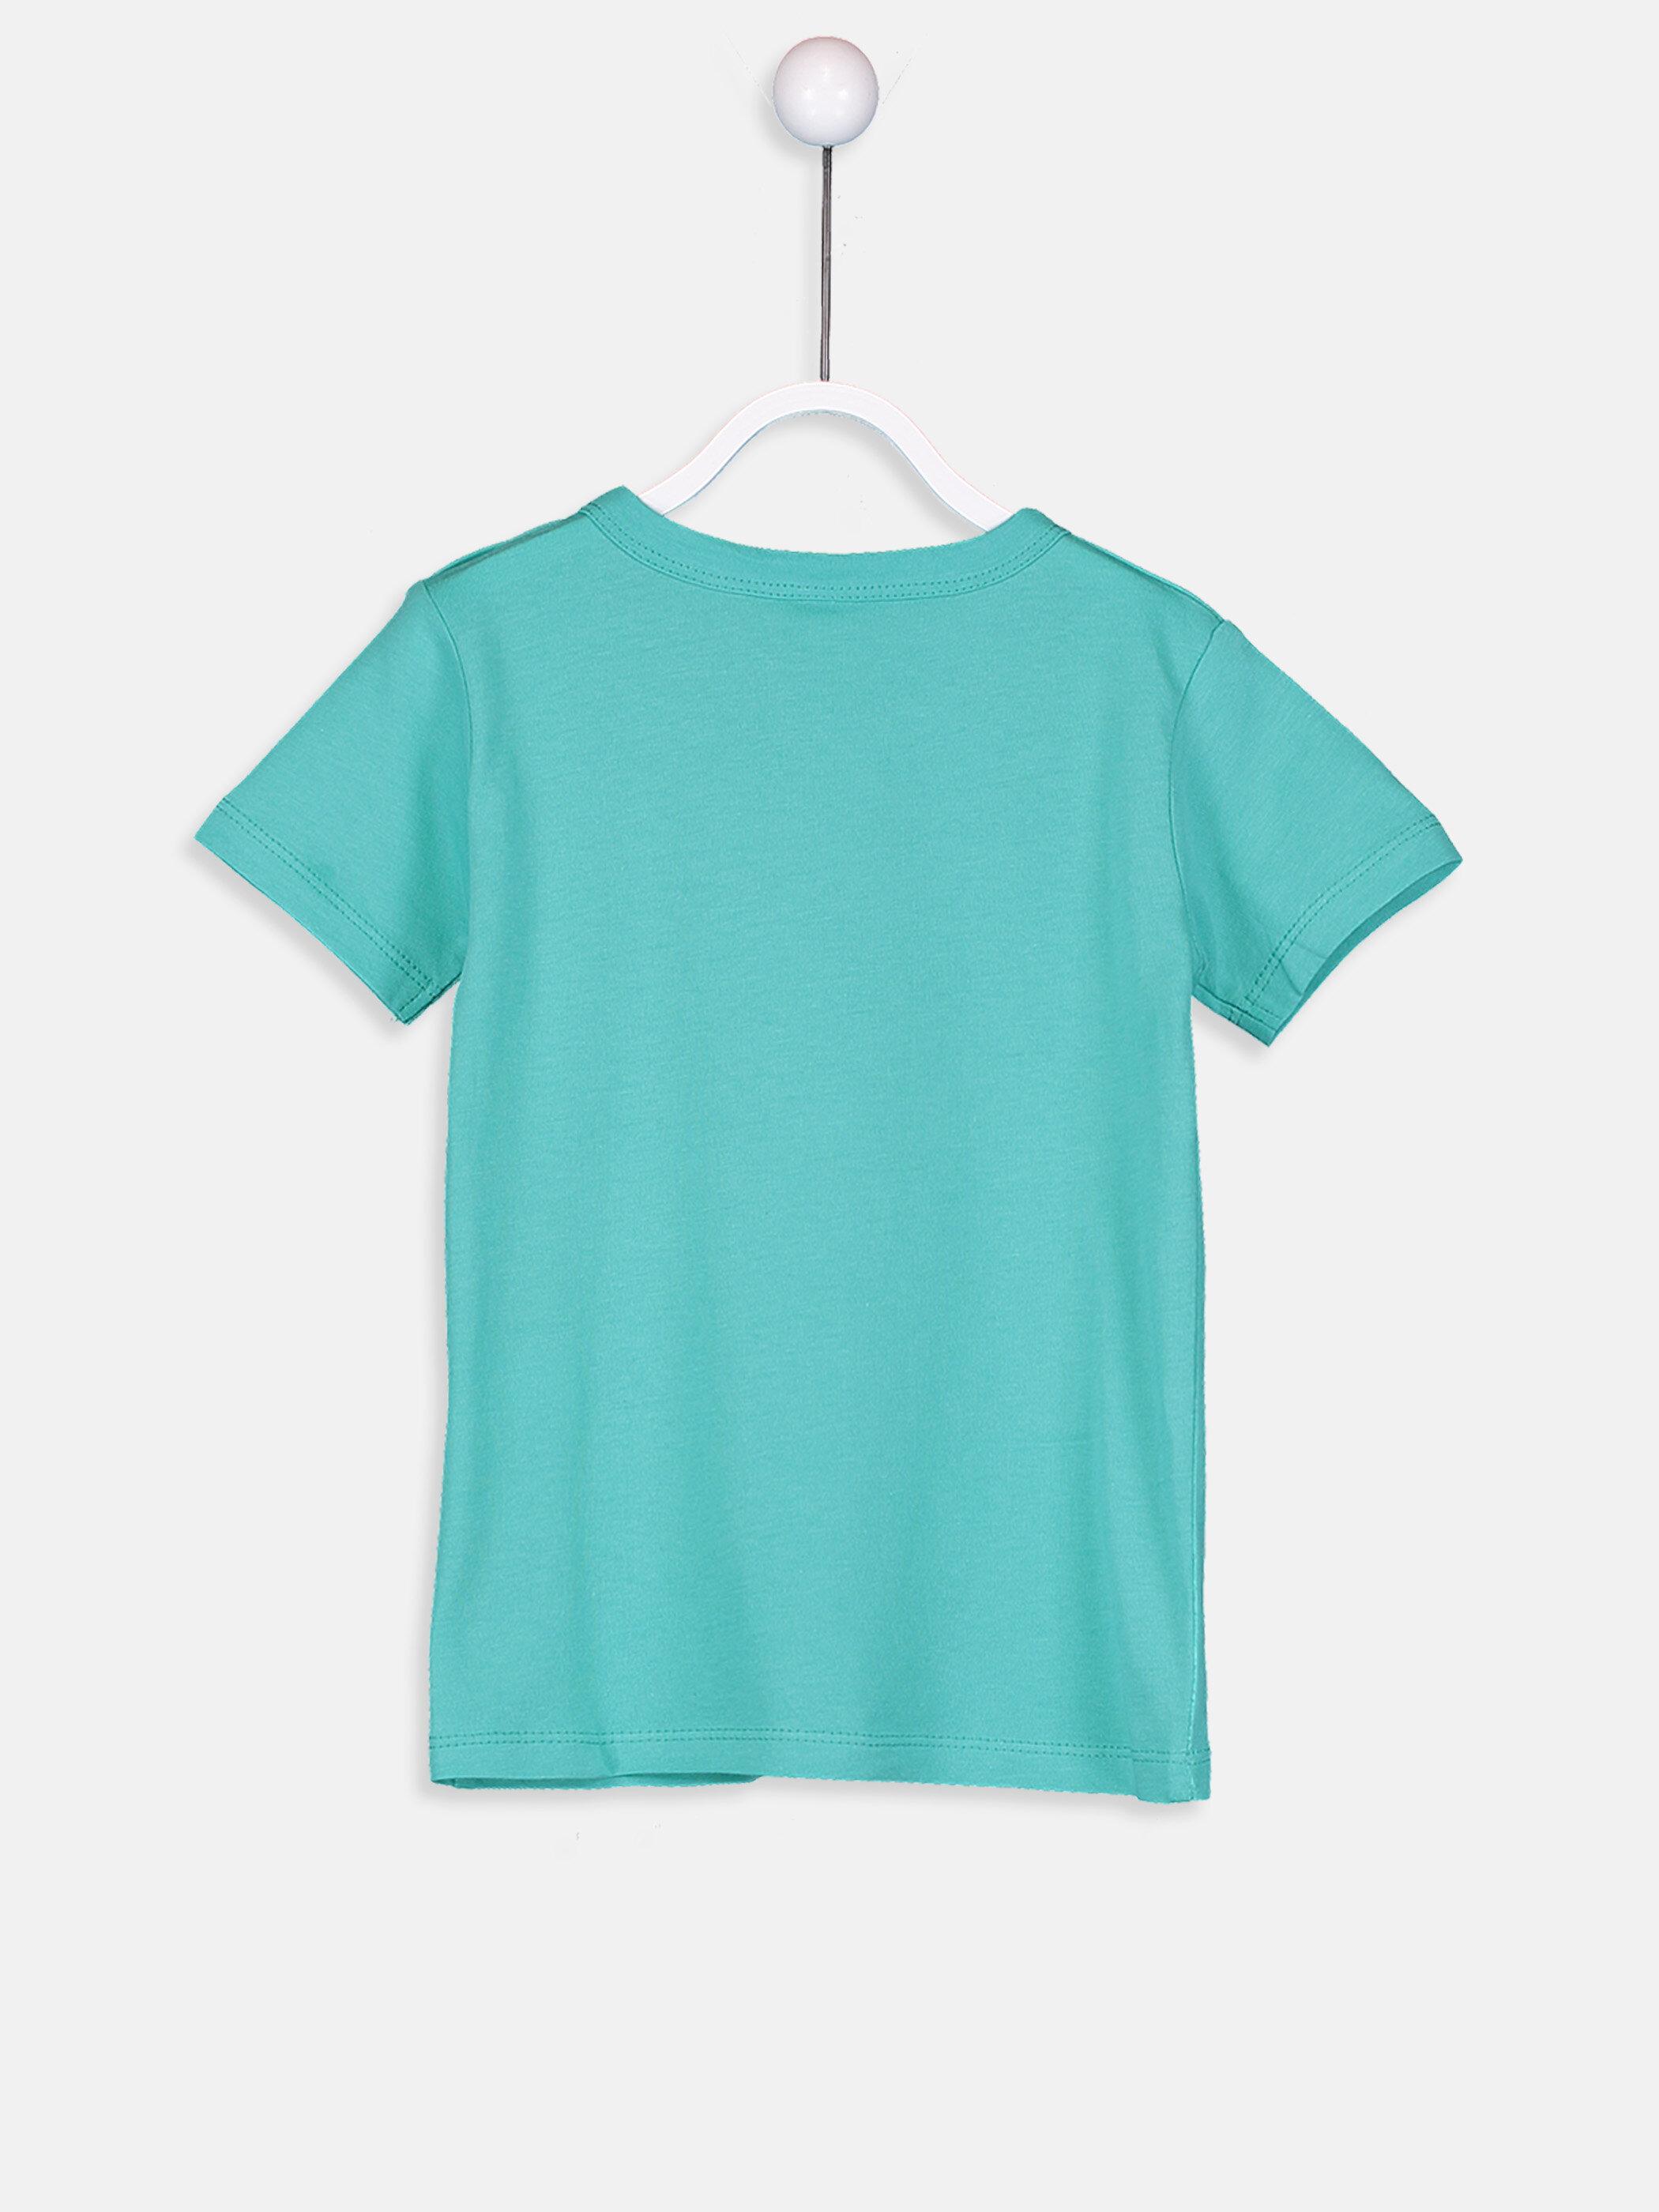 Erkek Bebek Pamuklu Baskılı Tişört -9S2694Z1-MTE